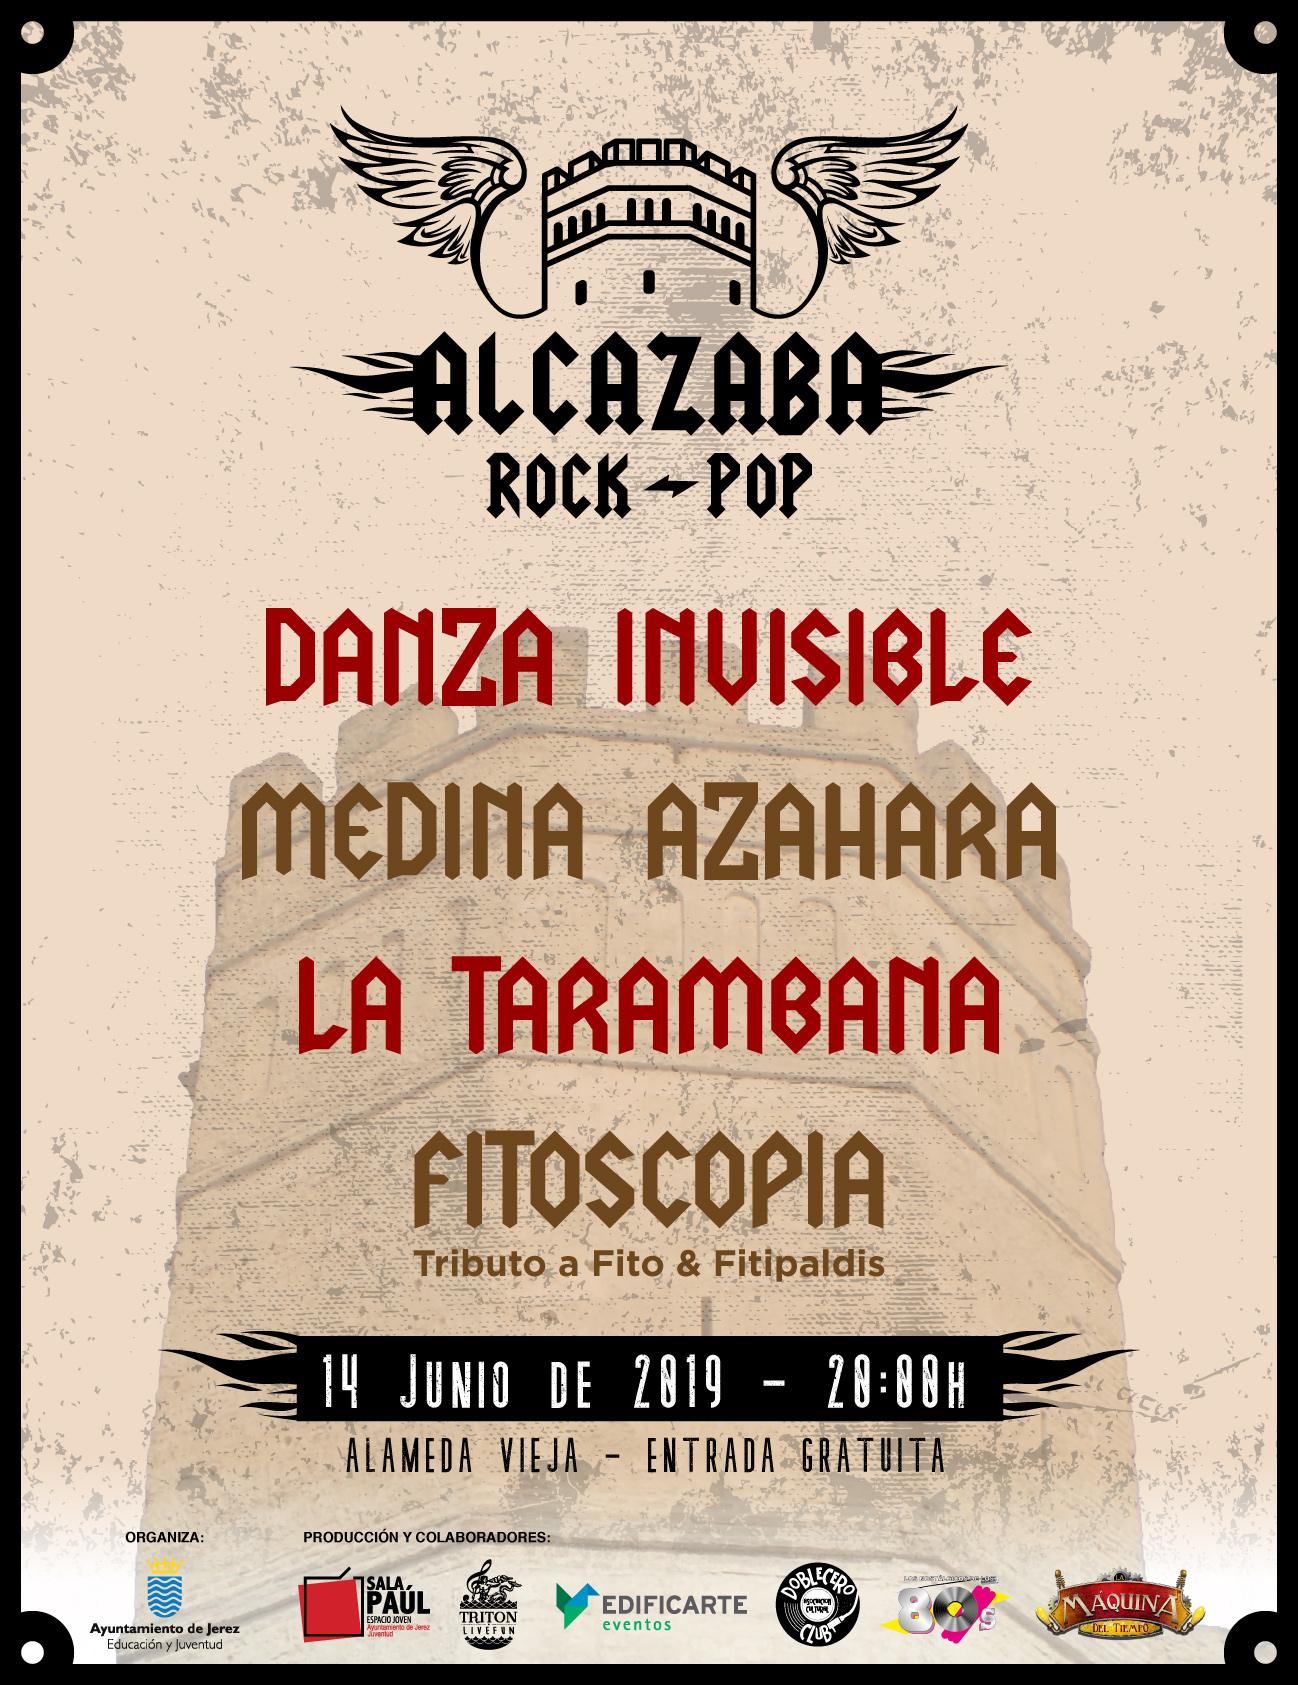 Cartel Acazaba Rock Pop